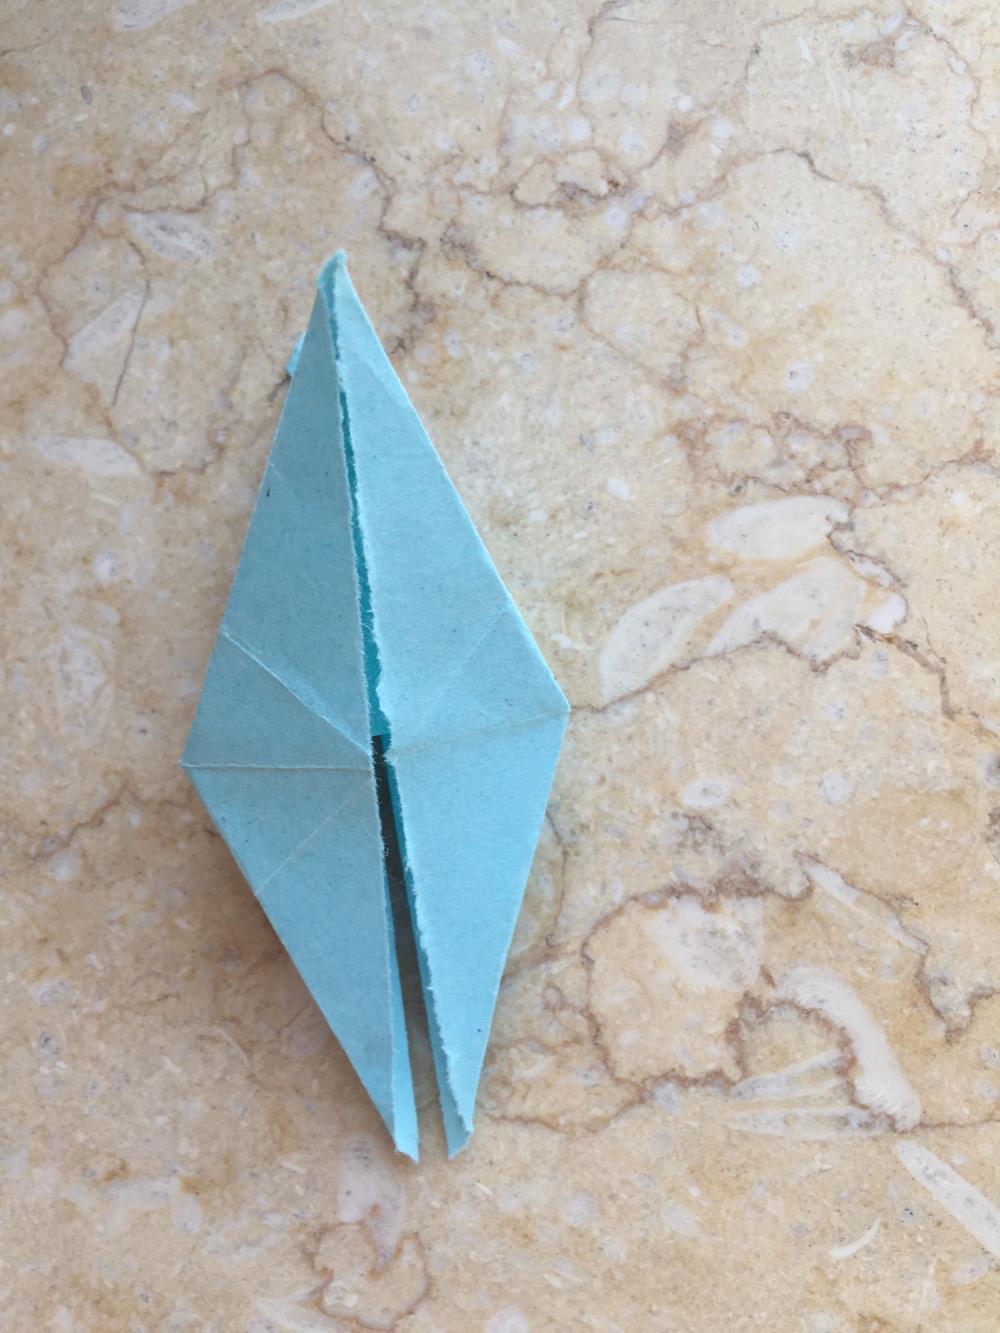 趣味手工蜻蜓折纸的详细制作方法步骤